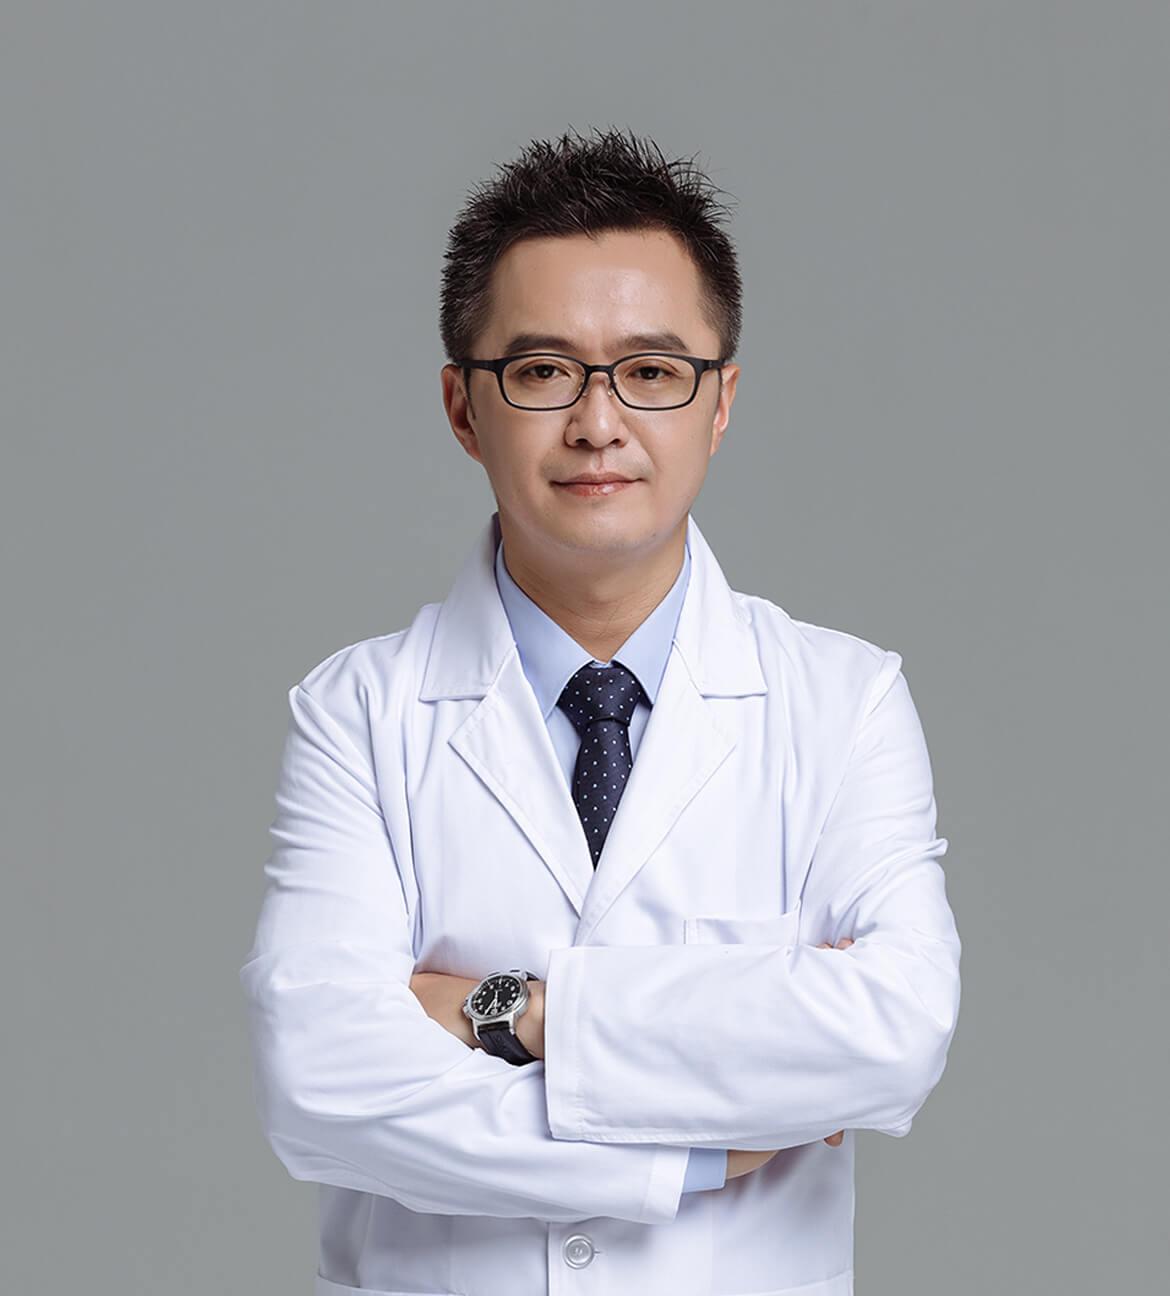 黃仁吳醫師